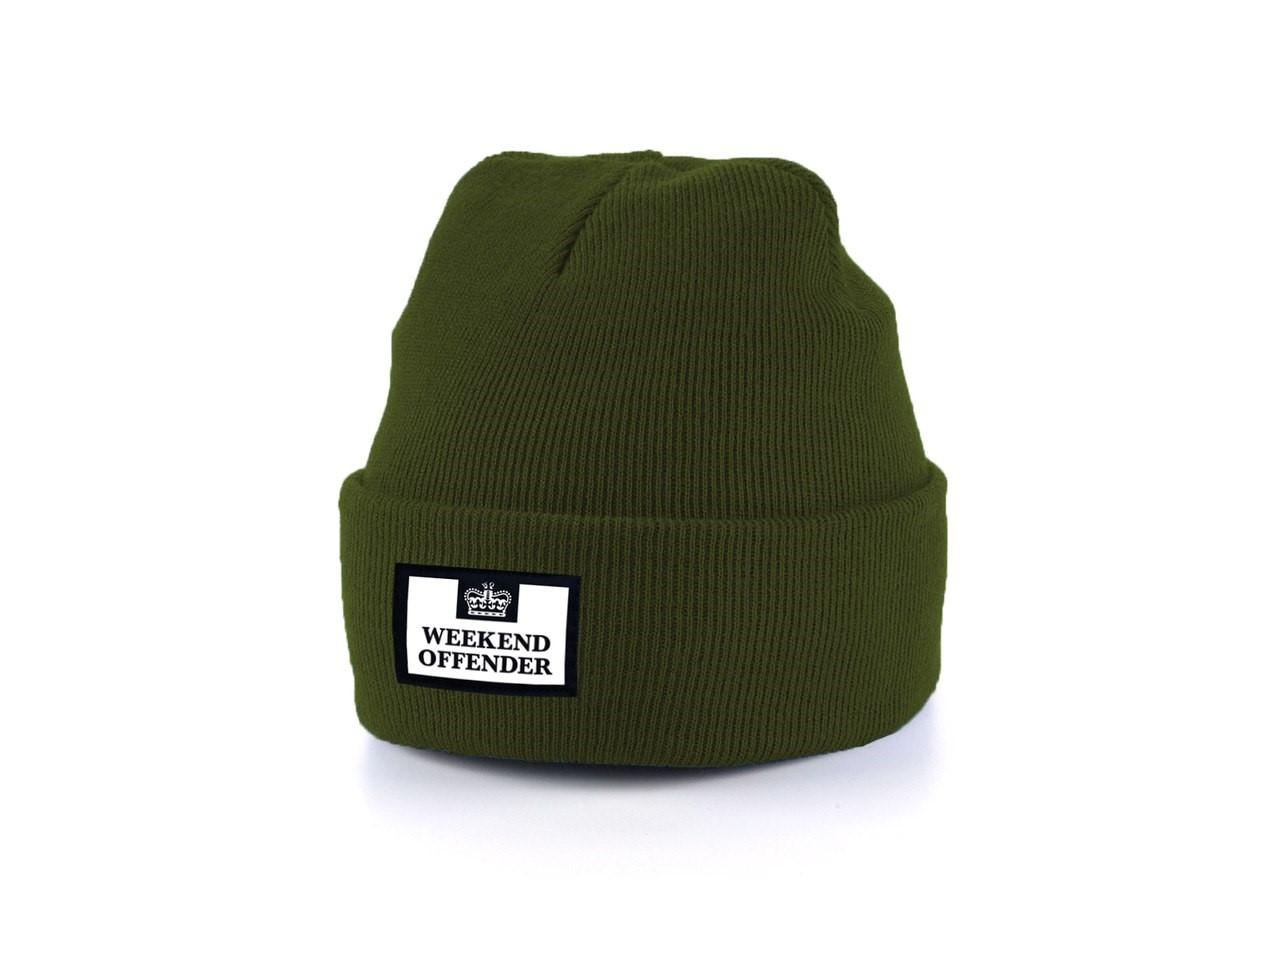 Мужская теплая шапка Weekend Offender универсальный размер